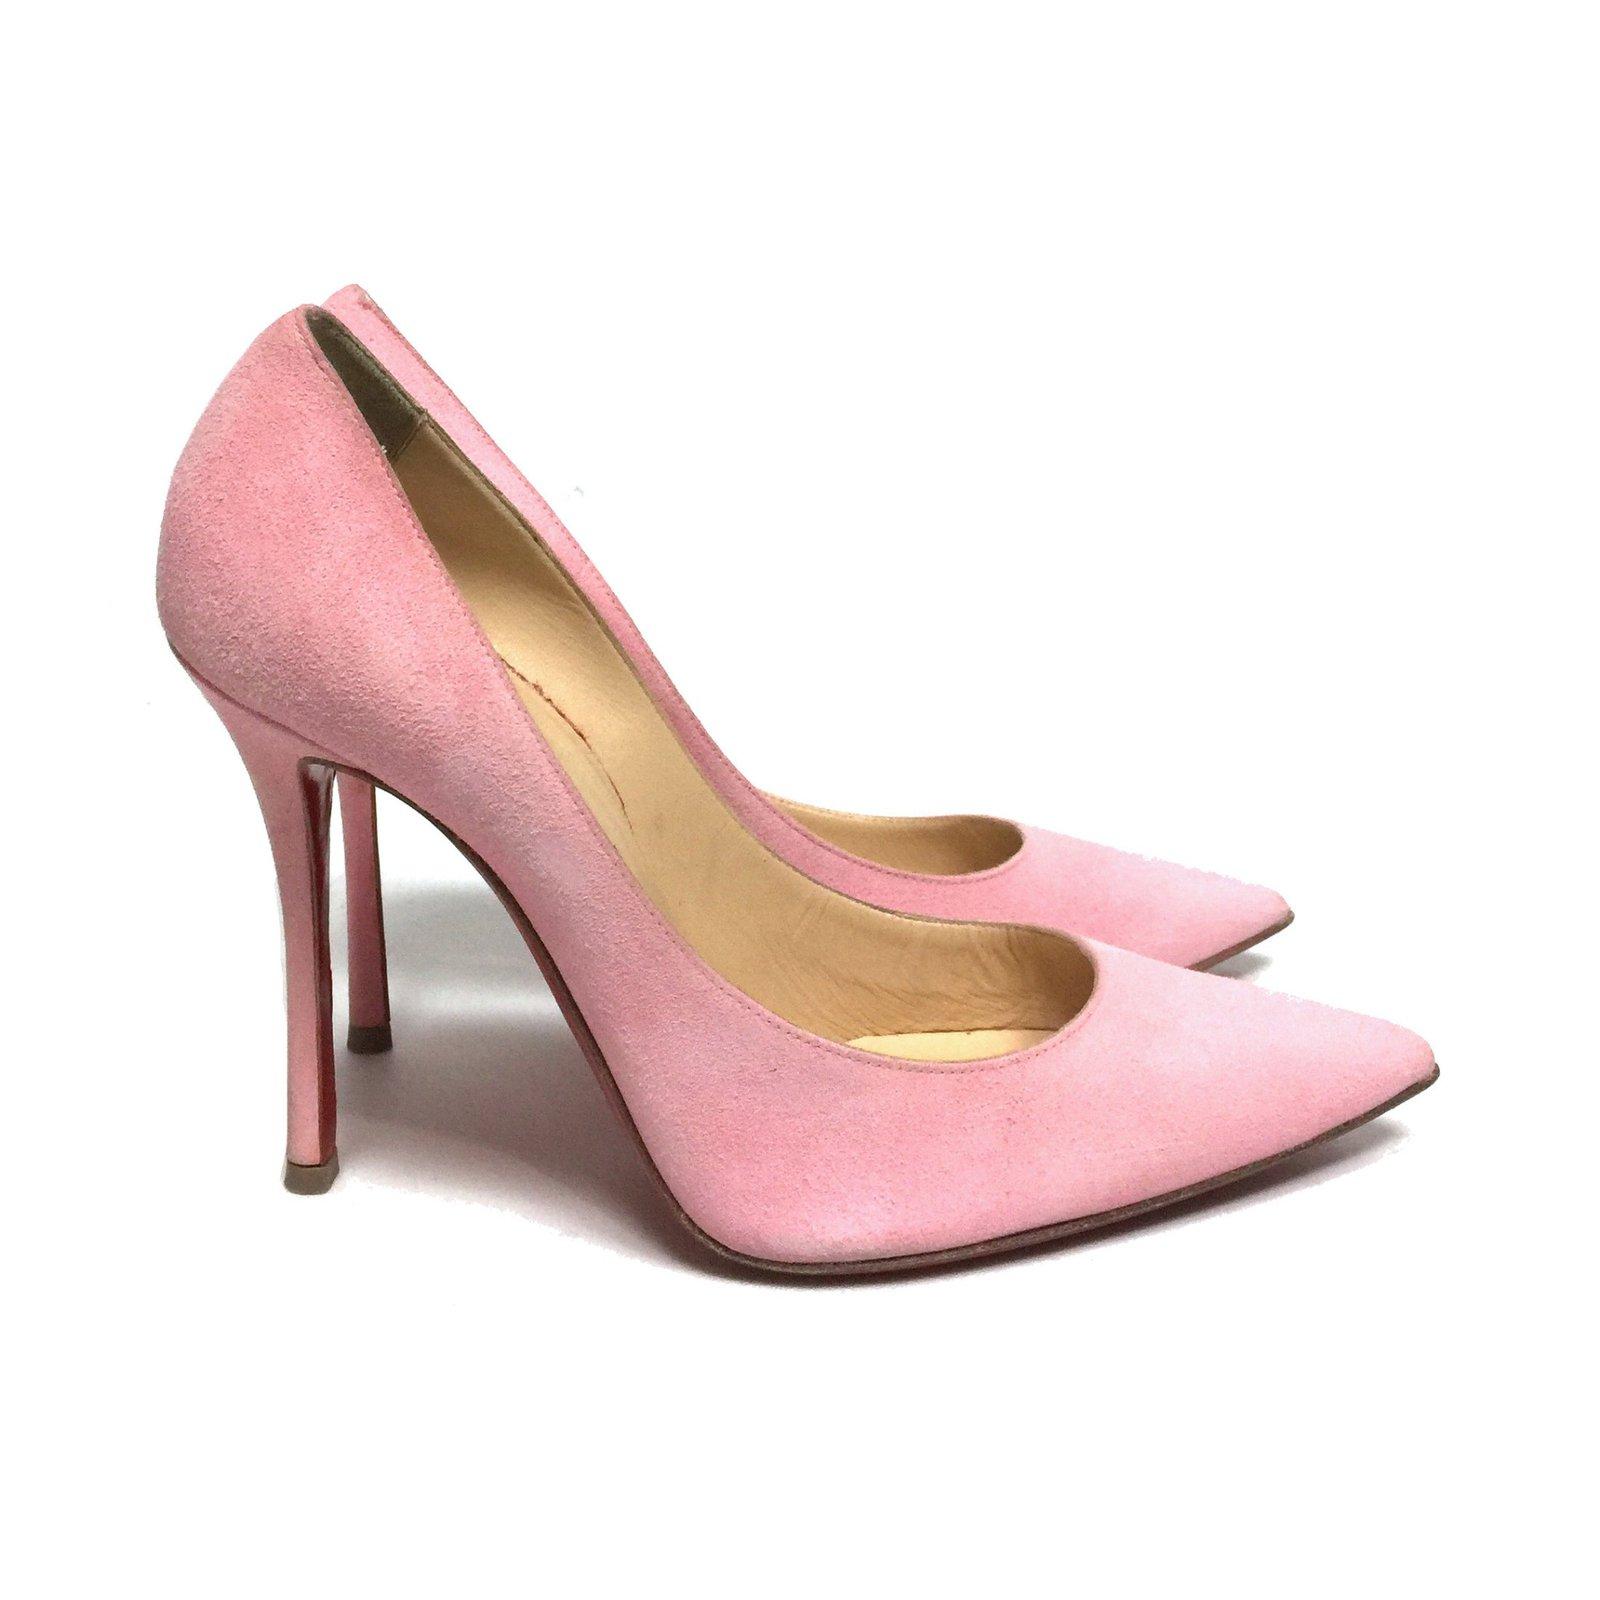 wholesale dealer 5ef5c 3884c Decoltish 100 mm in Dolly Pink Suede